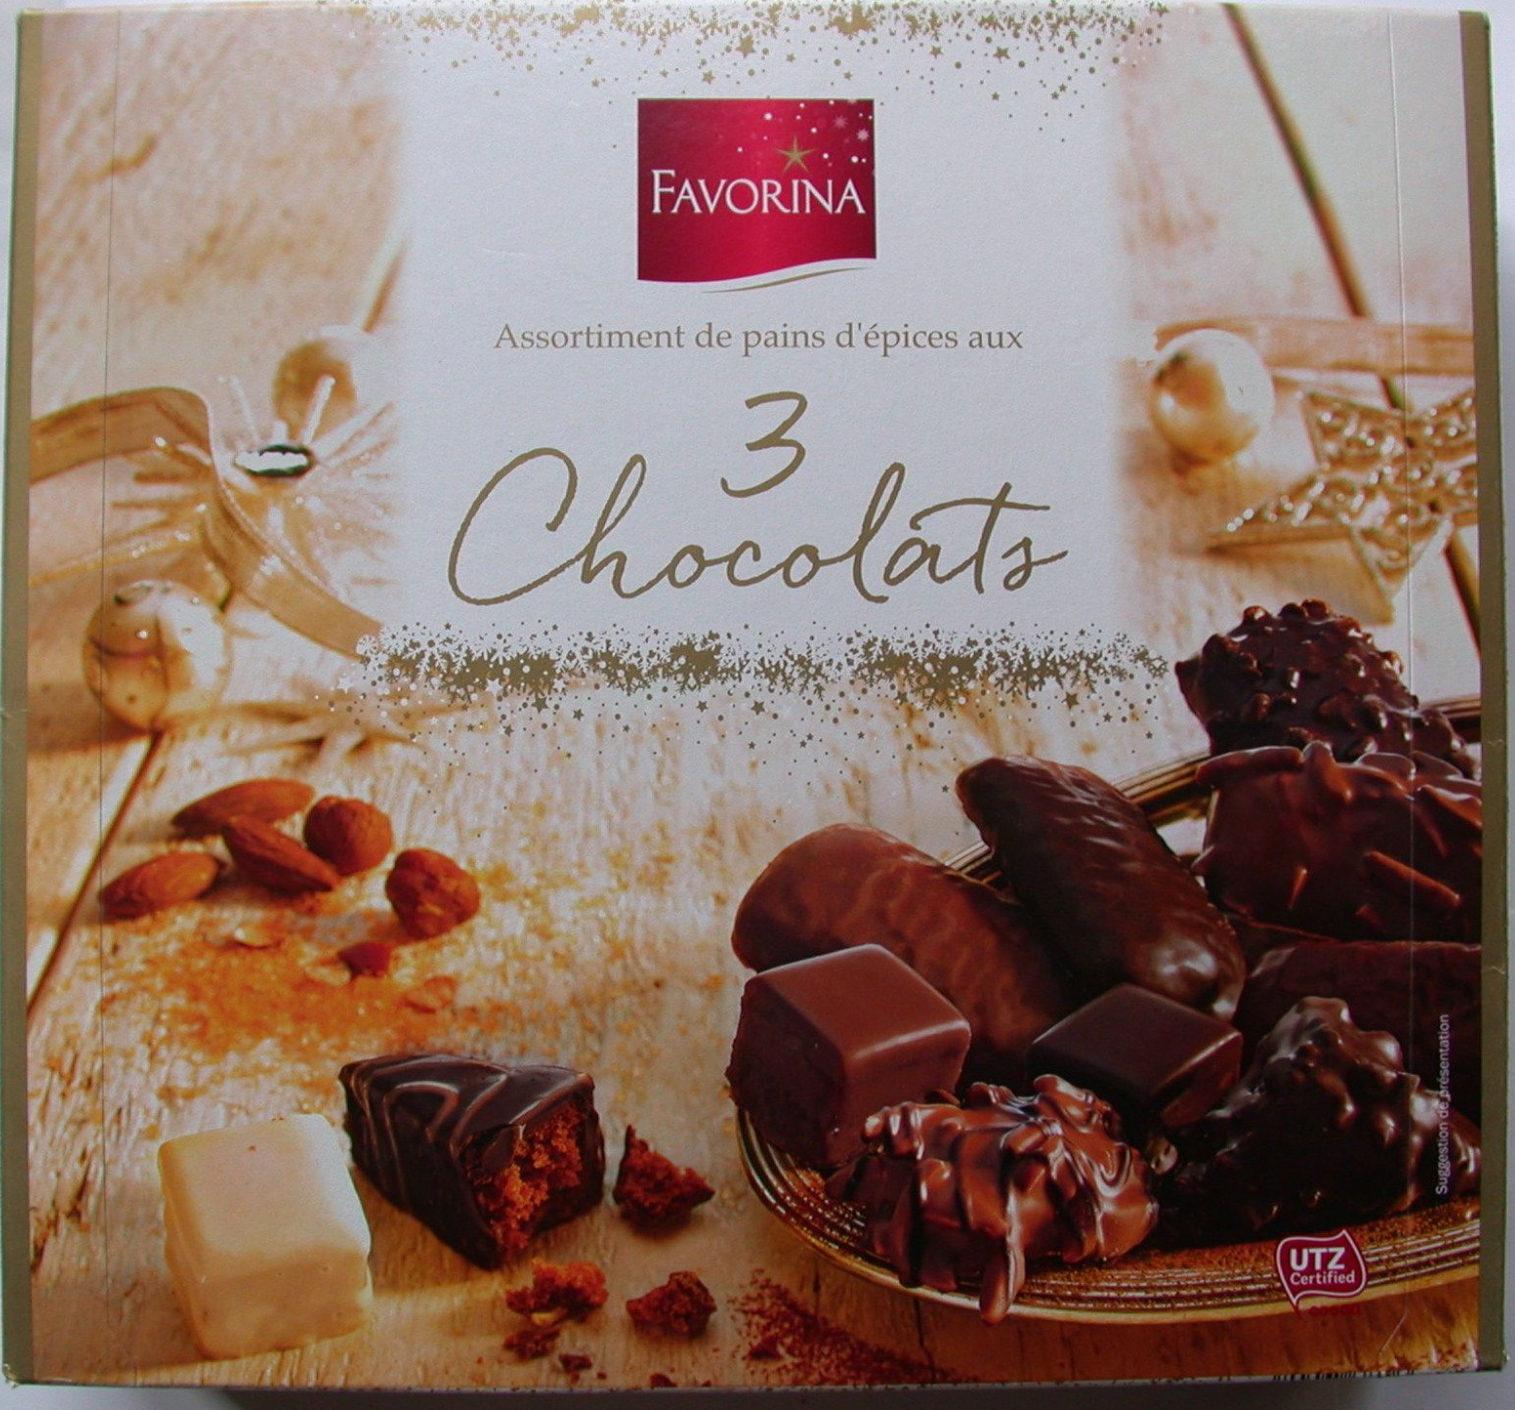 Assortiment de pains d'épices aux 3 chocolats - Produit - fr